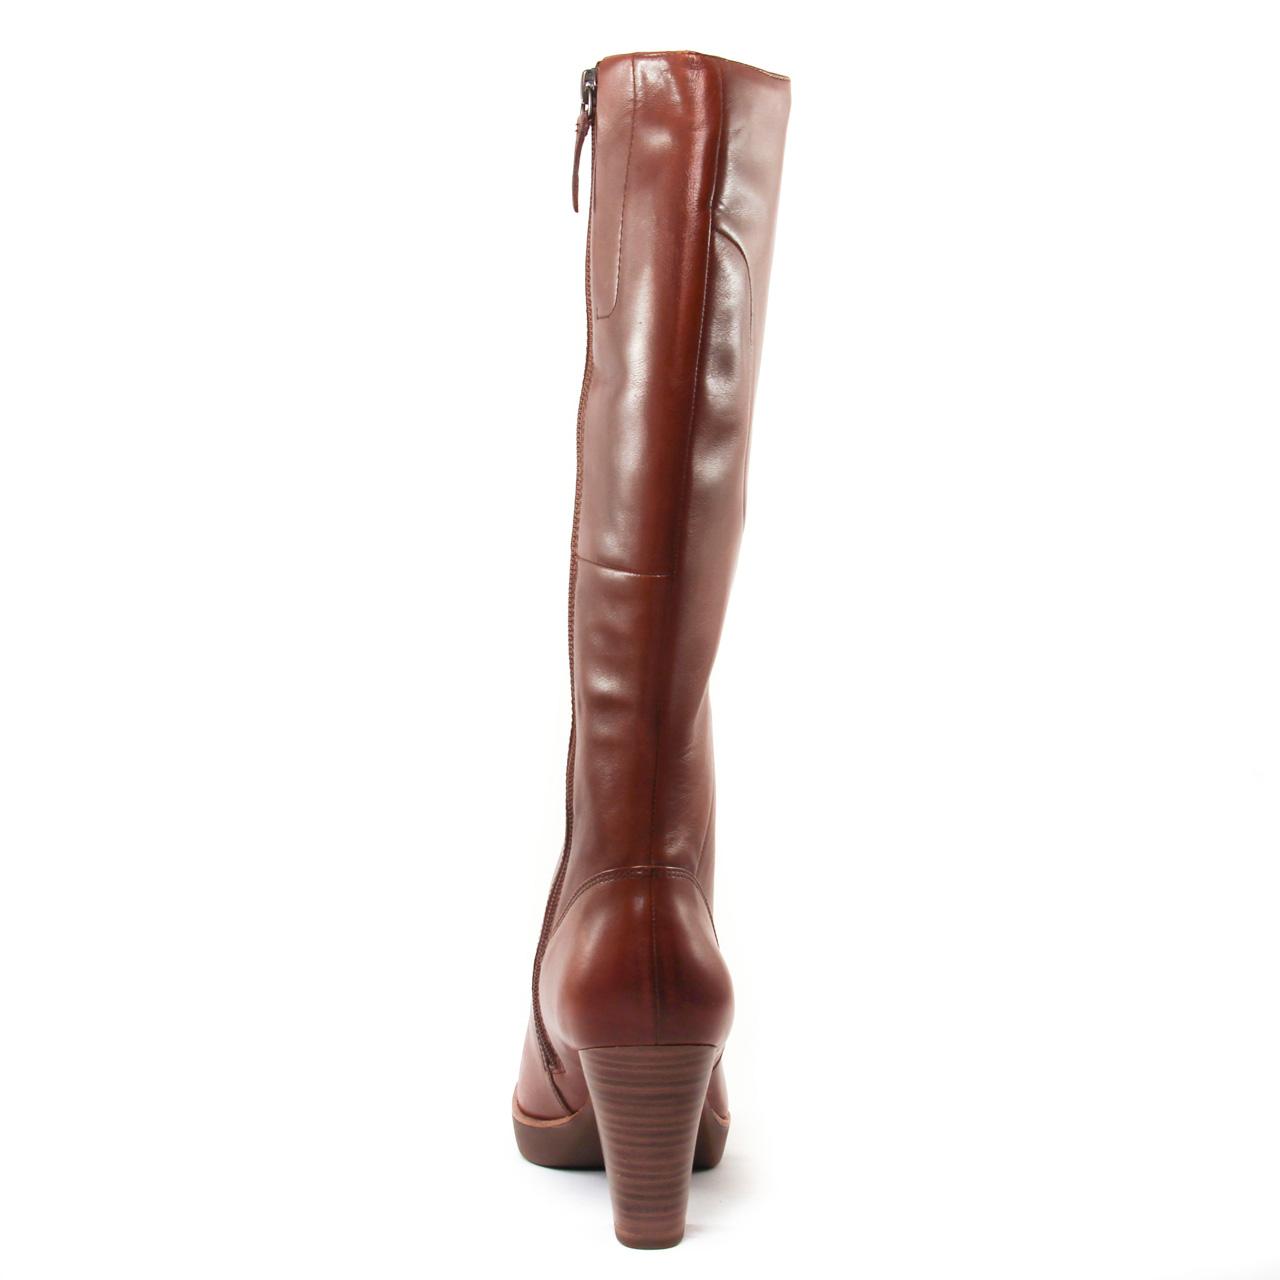 Tamaris 25524 Nut | bottes marron automne hiver chez TROIS PAR 3